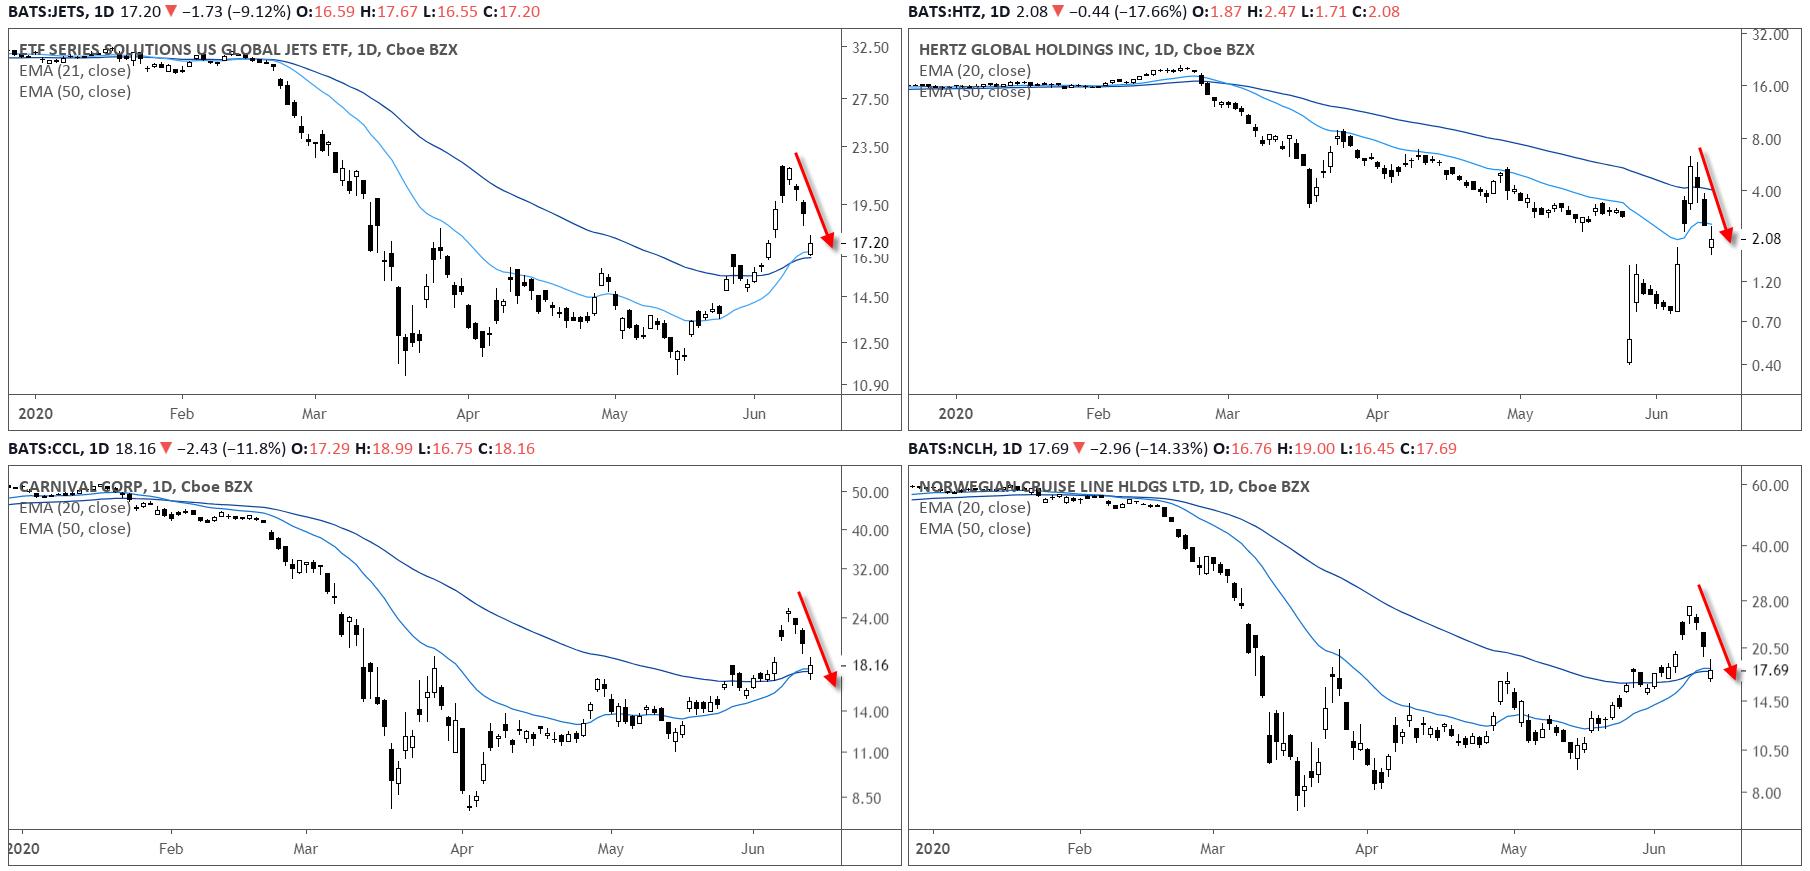 Stocks Daily Charts